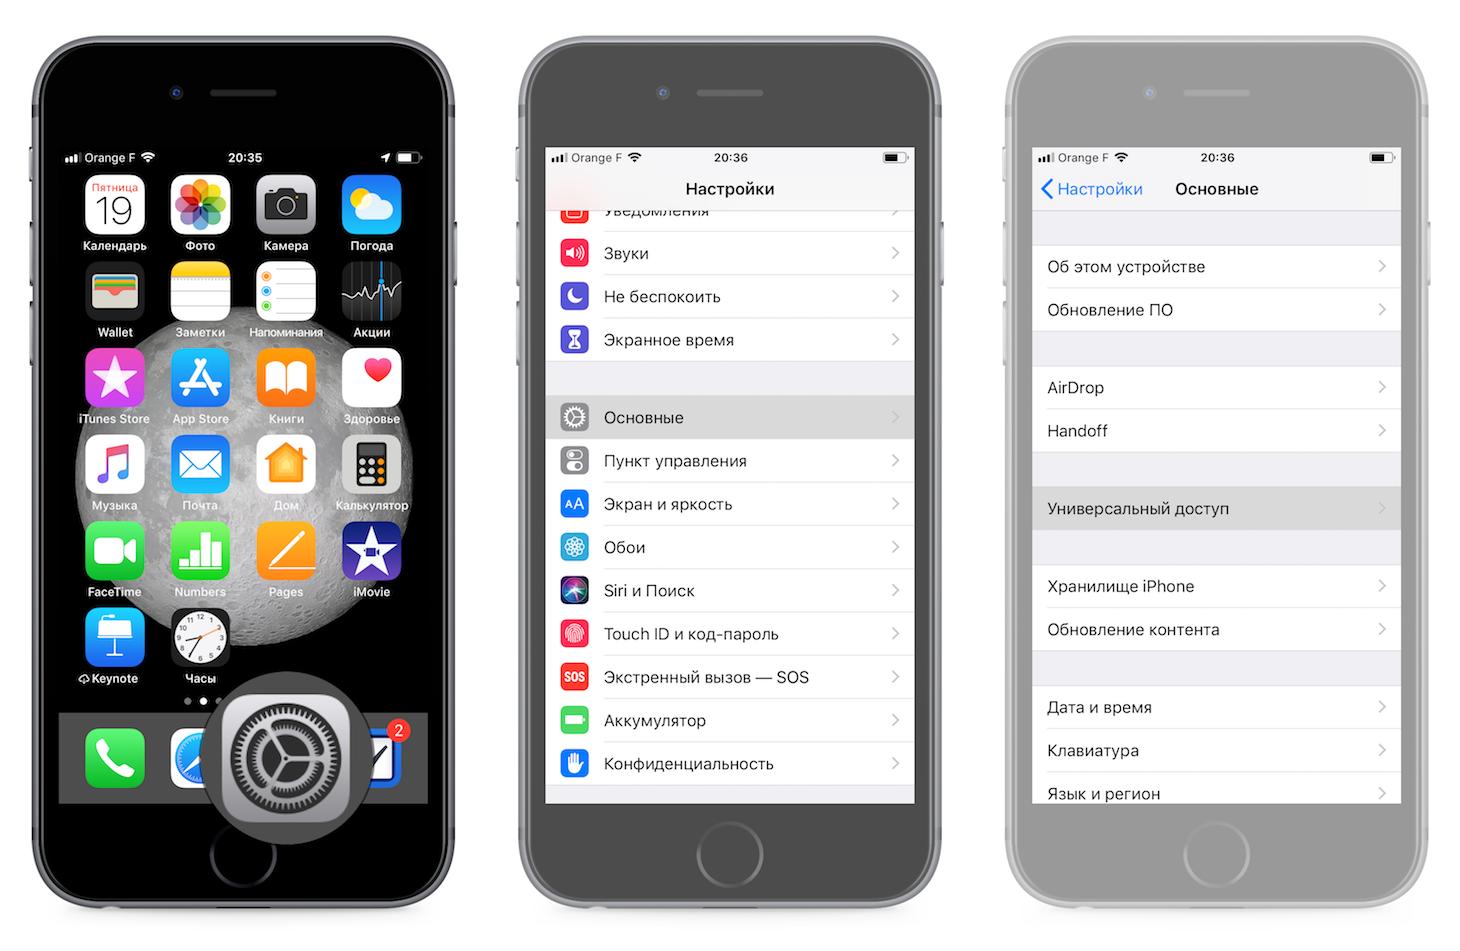 iOS 12 Настройки - основные - универсальный доступ